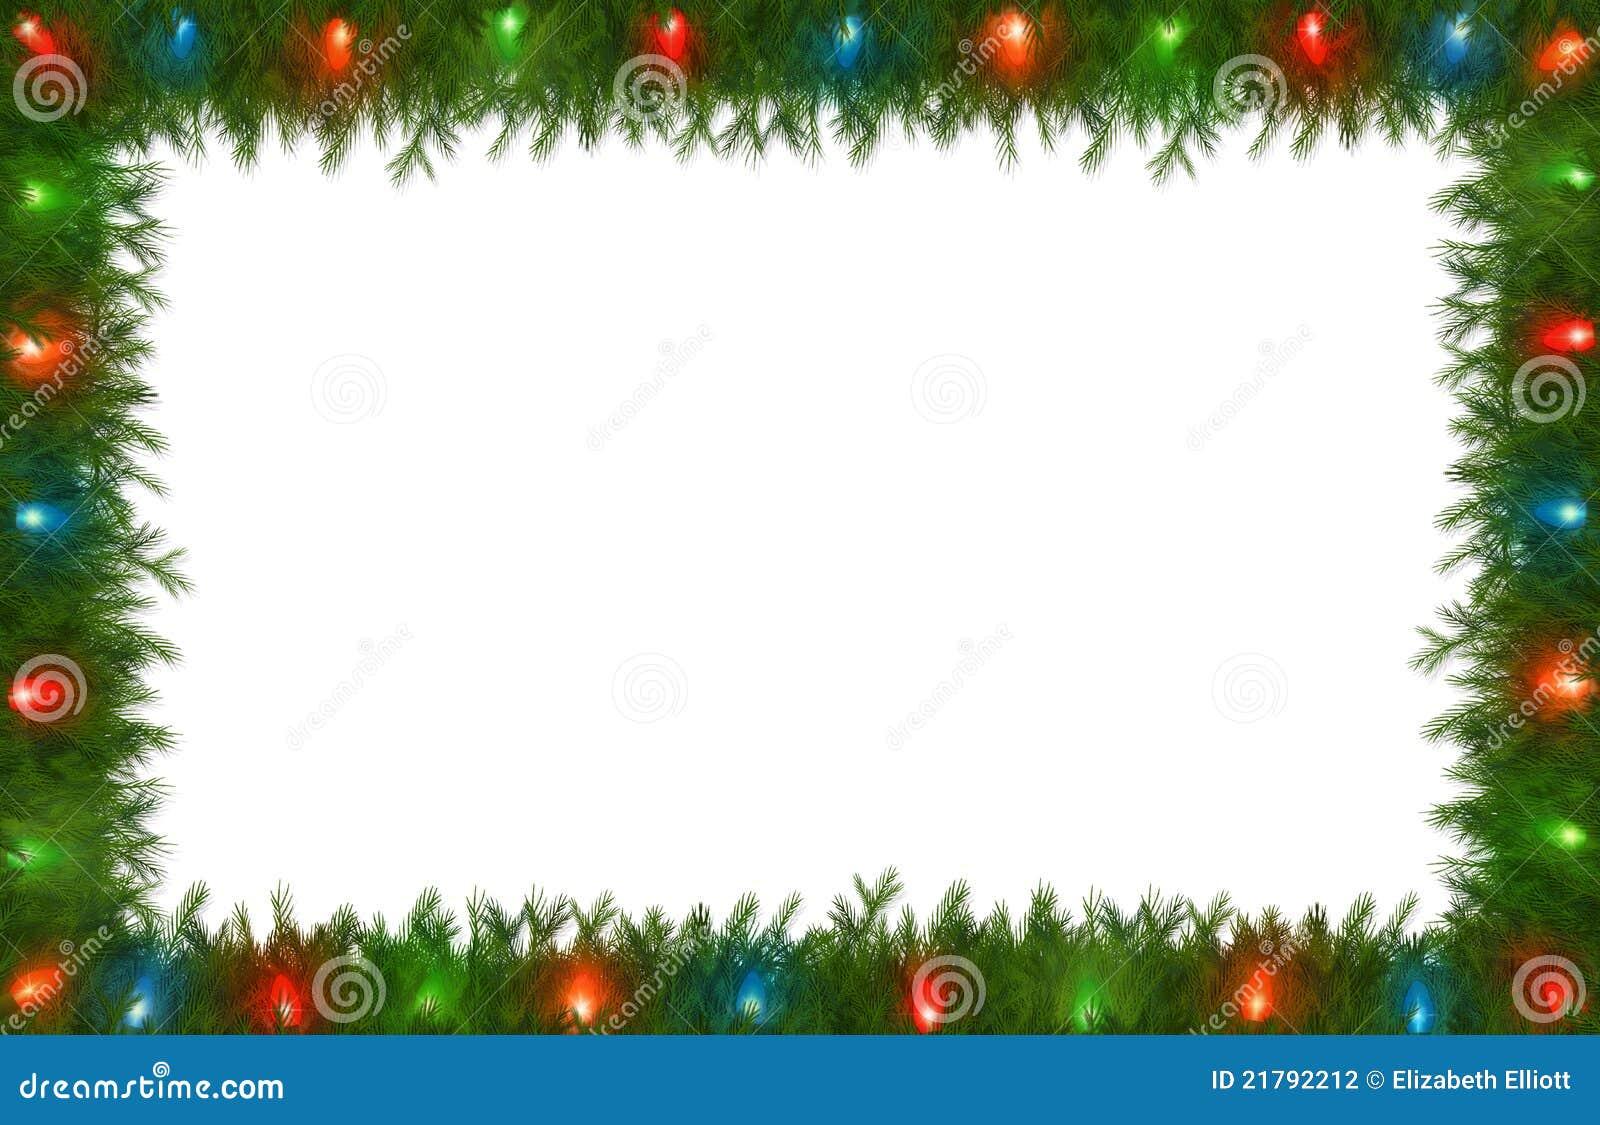 Christmas lights with pine border stock photography